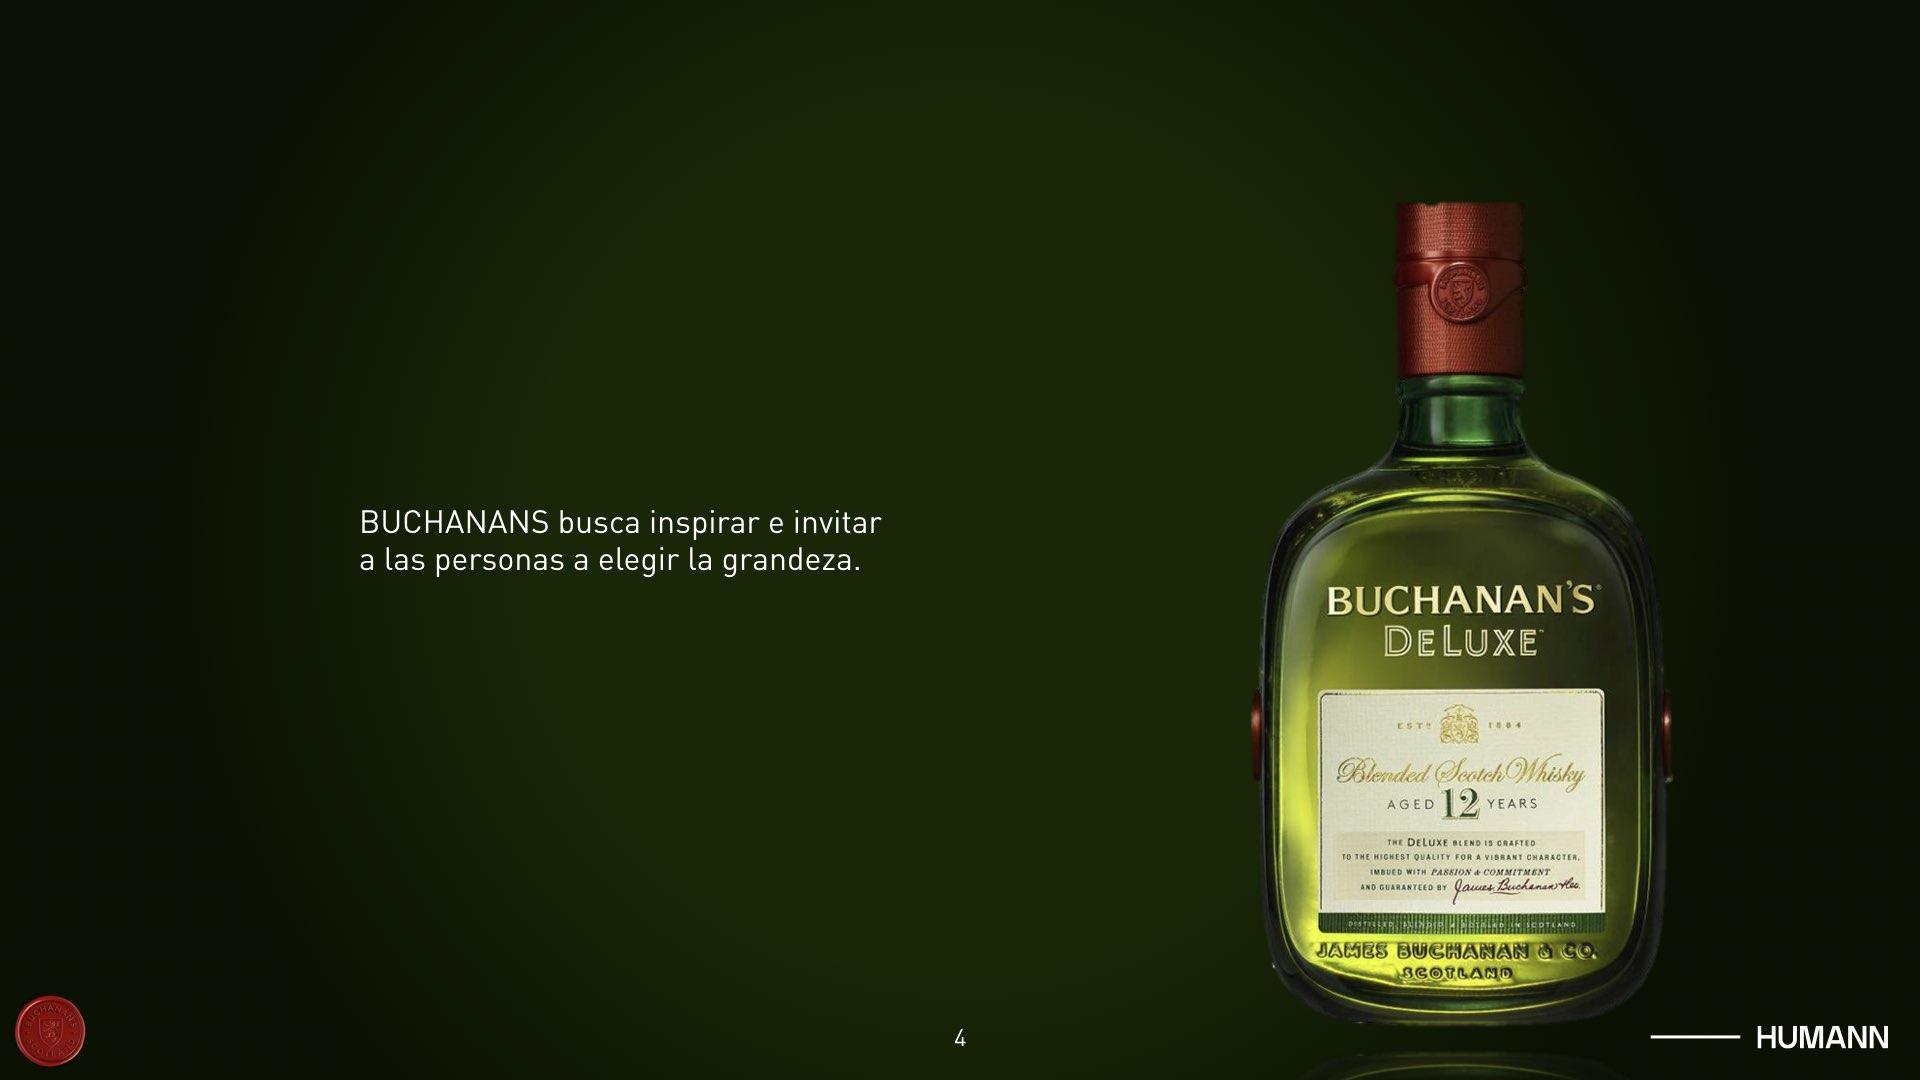 Humann Buchanans.004.jpeg